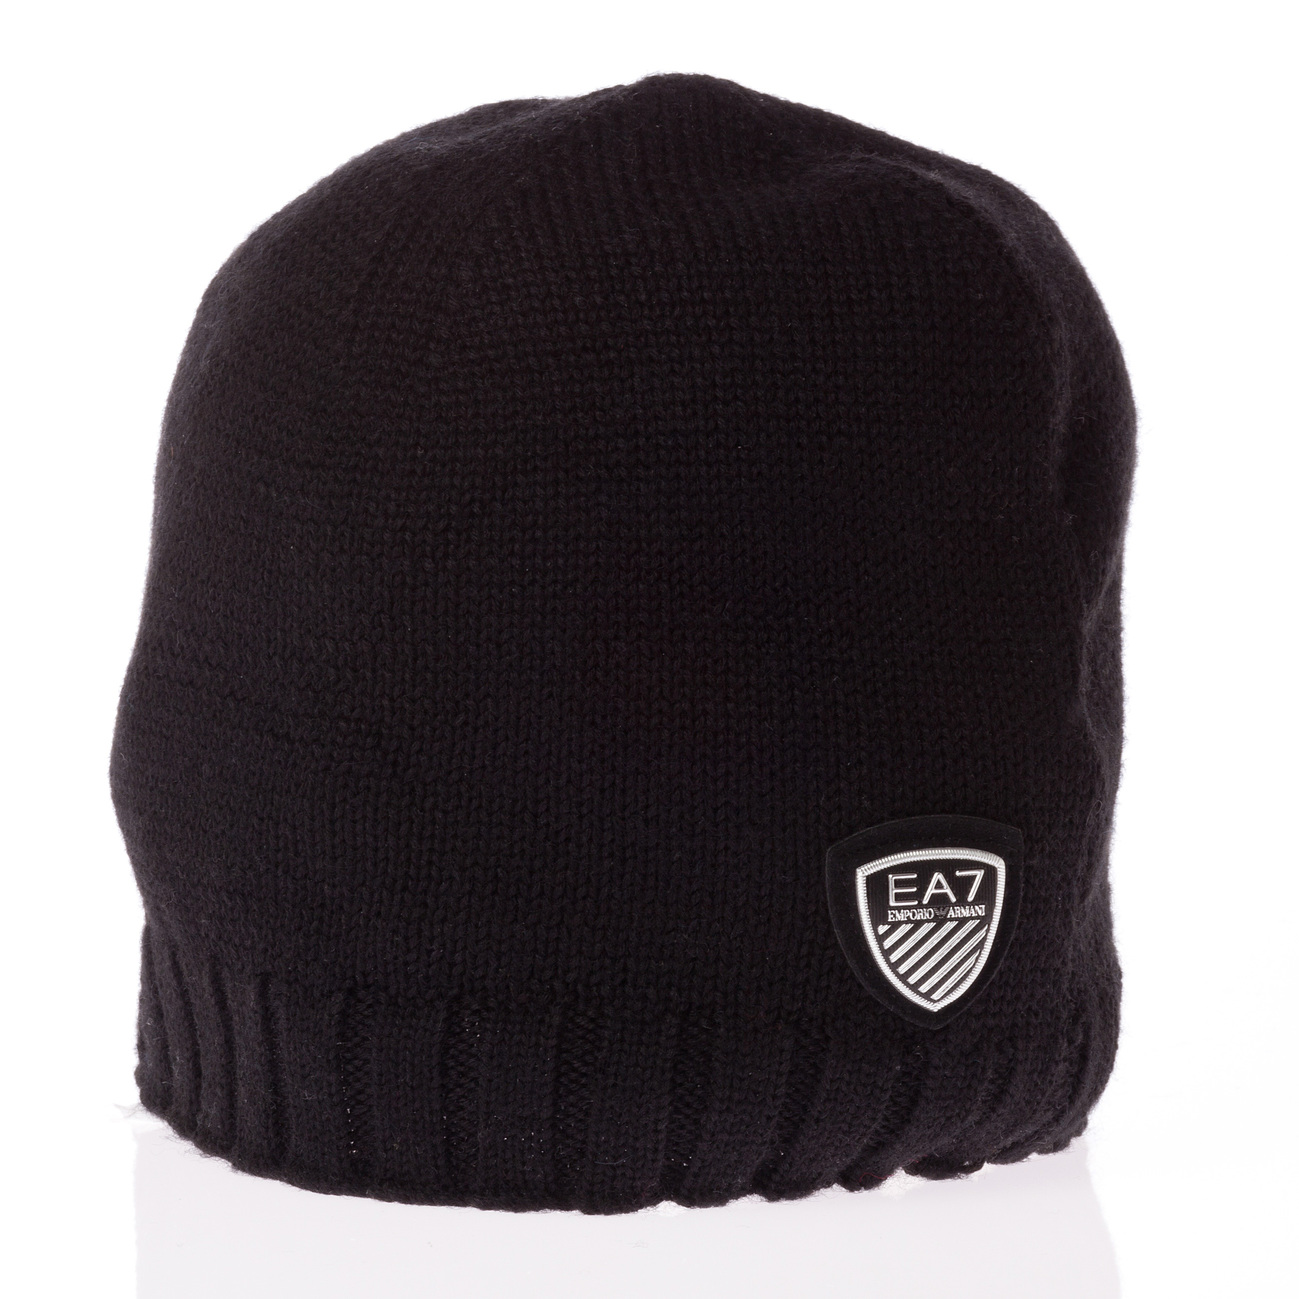 Bonnet echarpe armani homme - Idée pour s habiller 90e524a4001